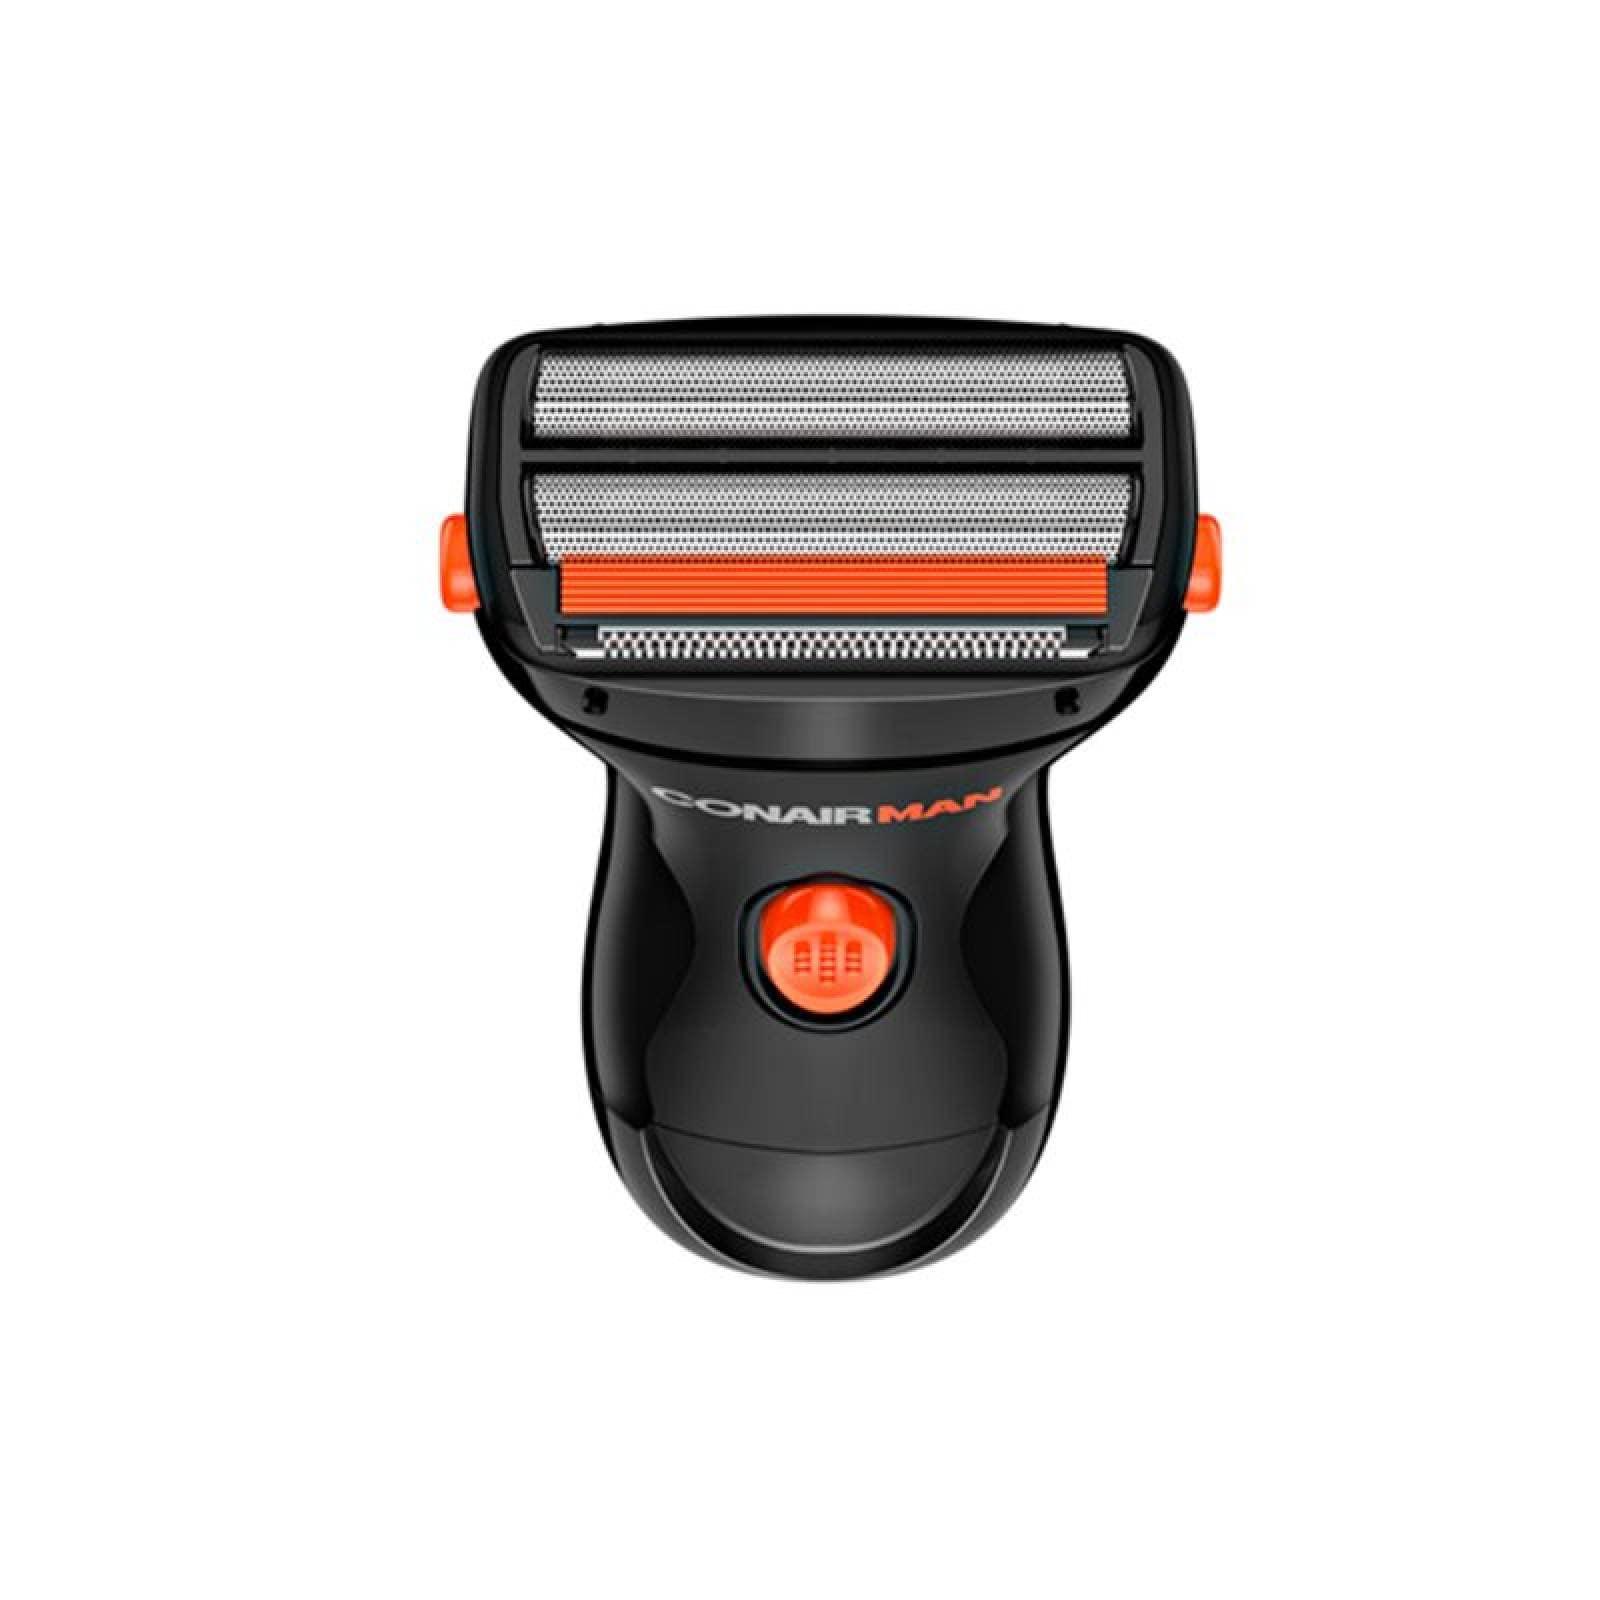 Recortadora portátil para usar humedo o en seco SHV22RES MX